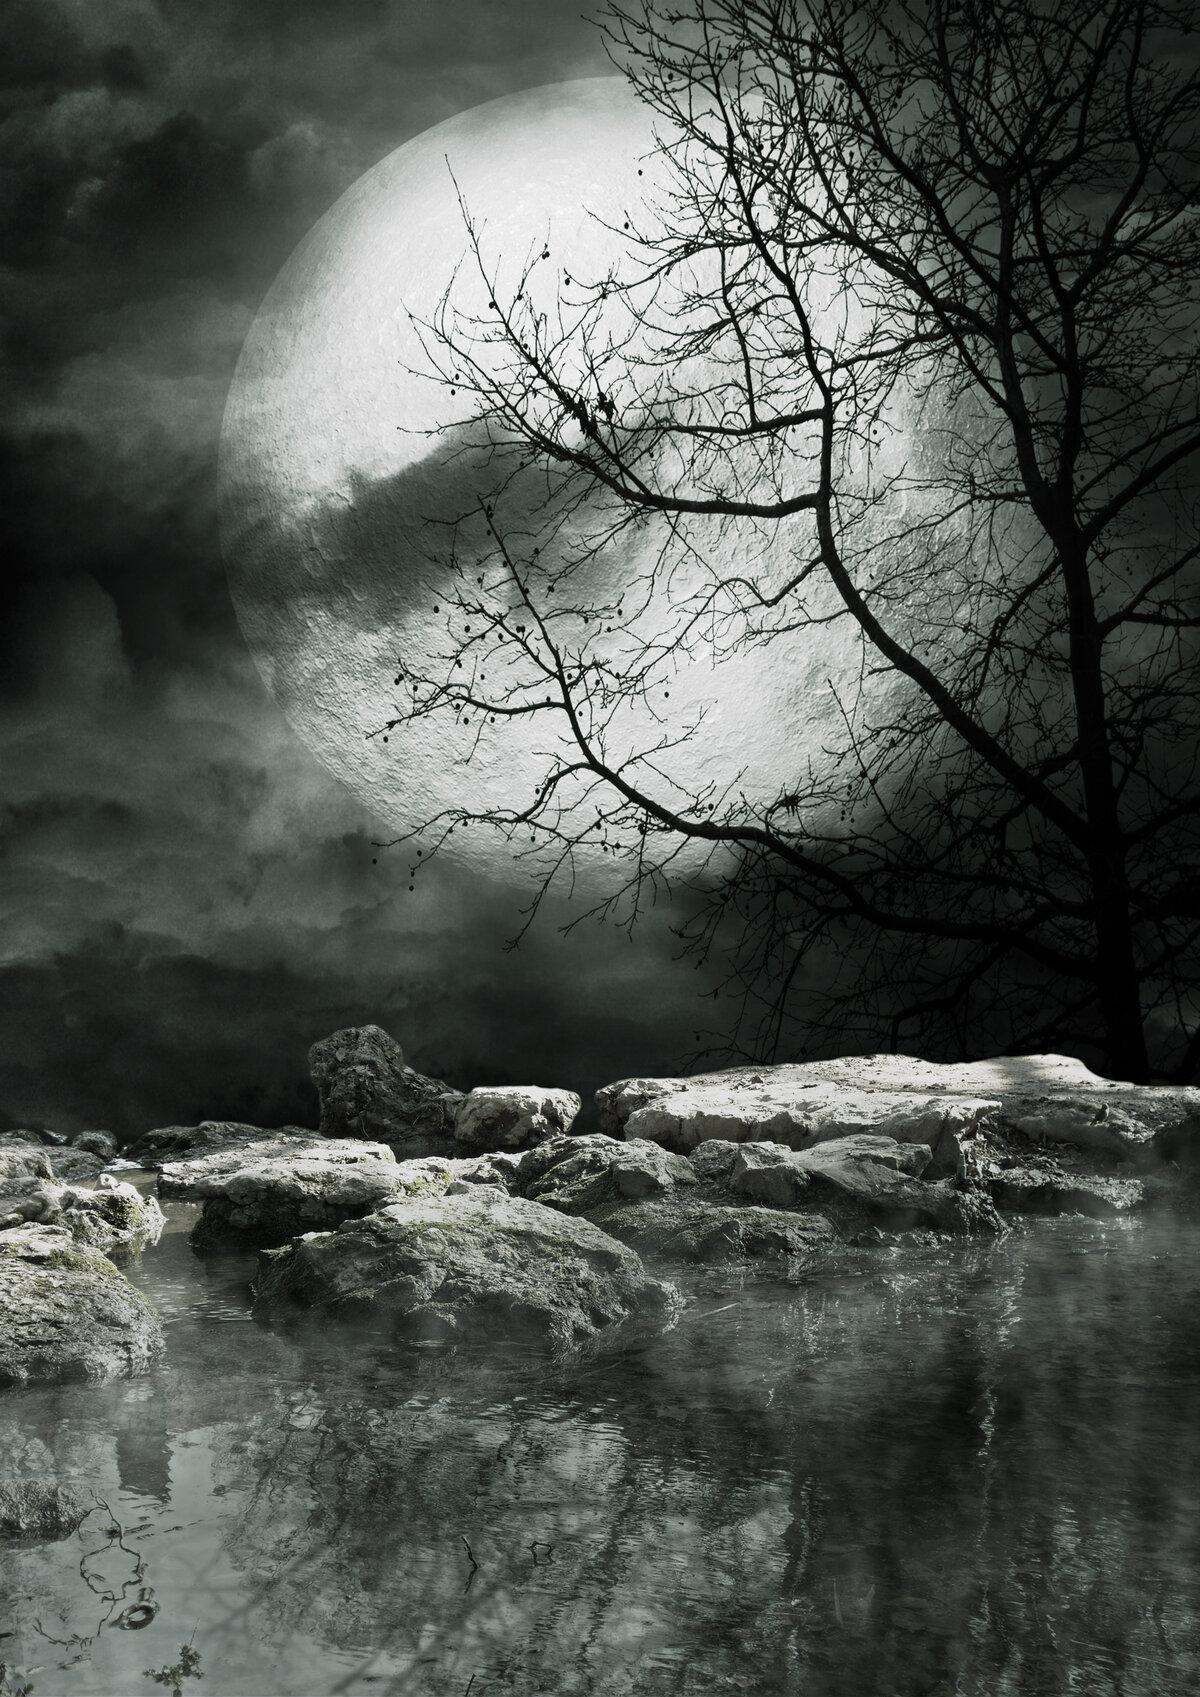 картинки красивые мрак вашему вниманию лучшие